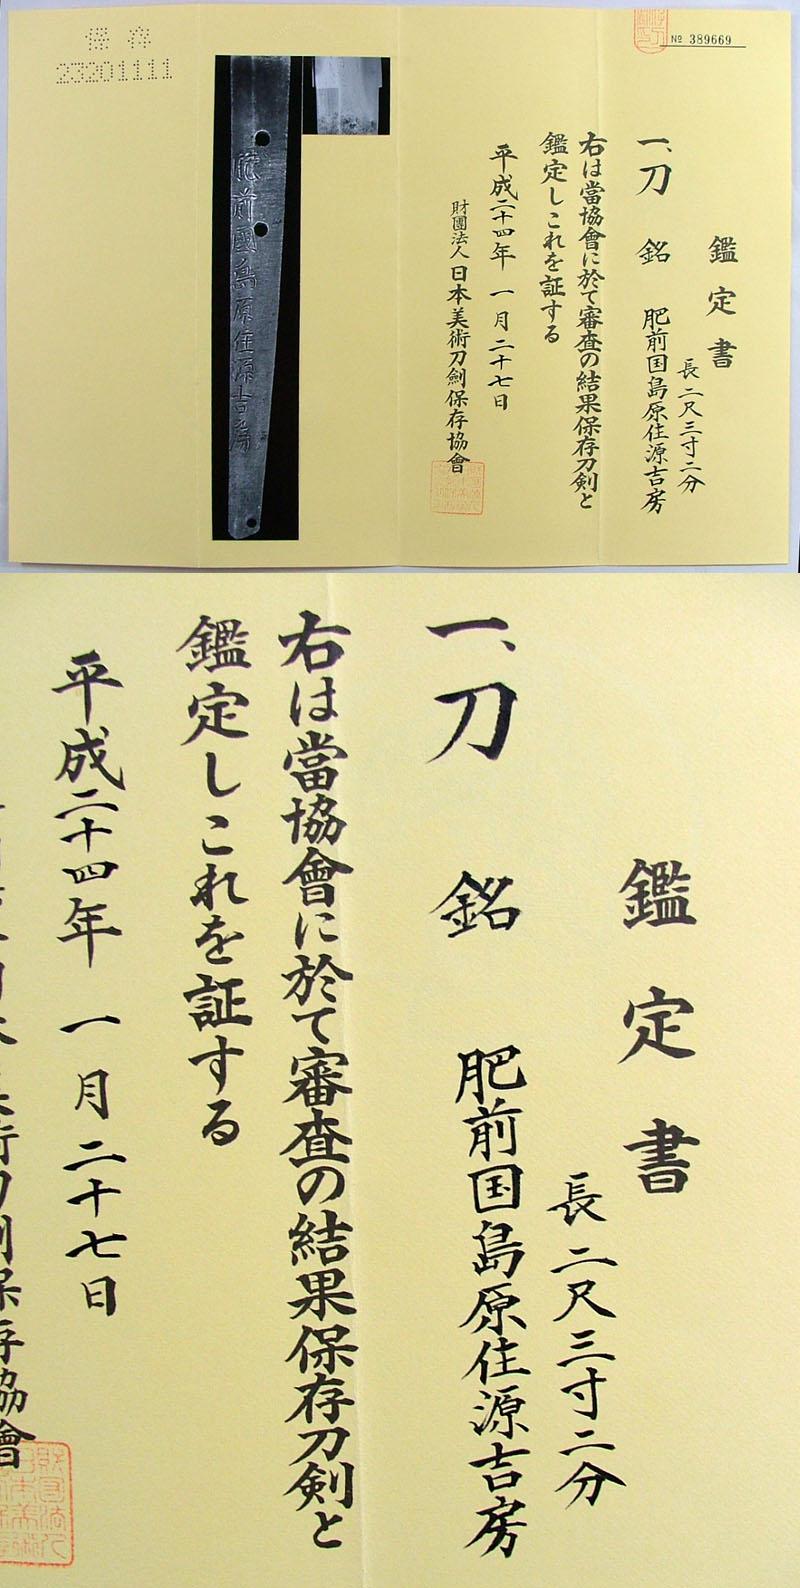 肥前国島原住源吉房 (2代) Picture of Certificate